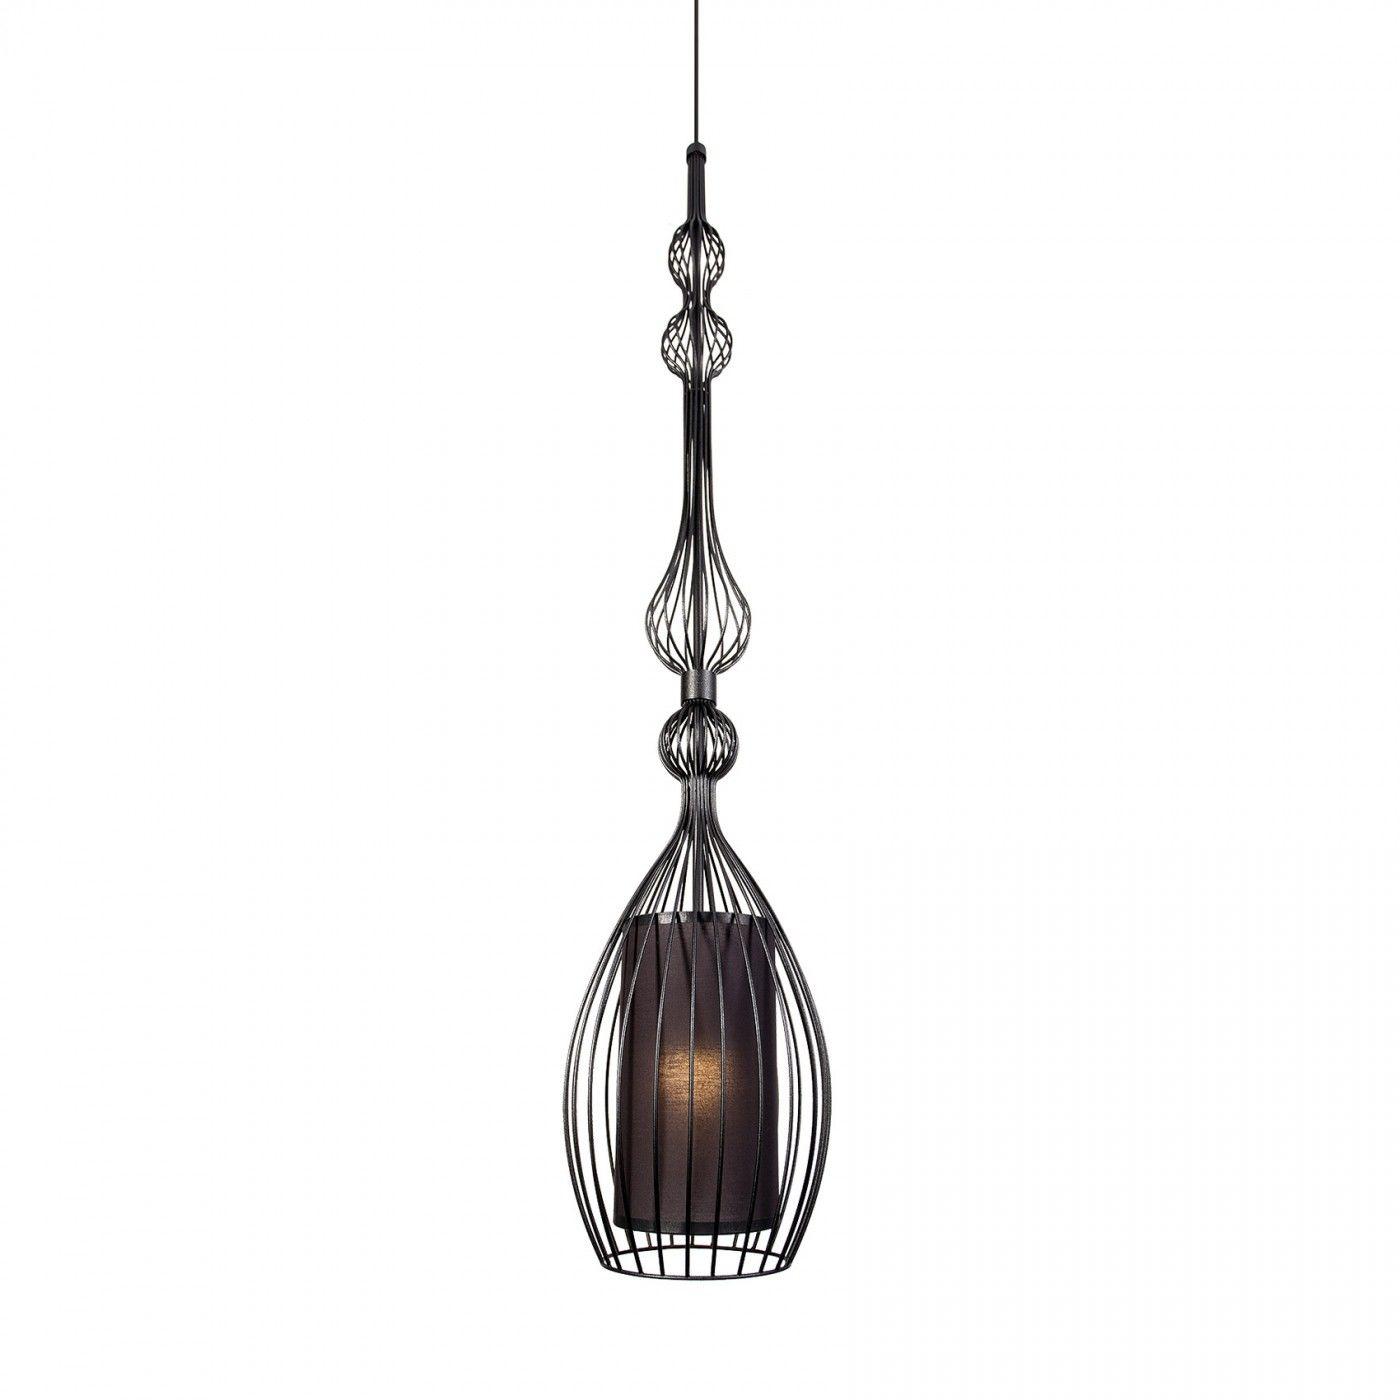 Lampa wisząca Abi L 8864 BL Nowodvorski Lighting nowoczesna dekoracyjna oprawa w kolorze czarnym